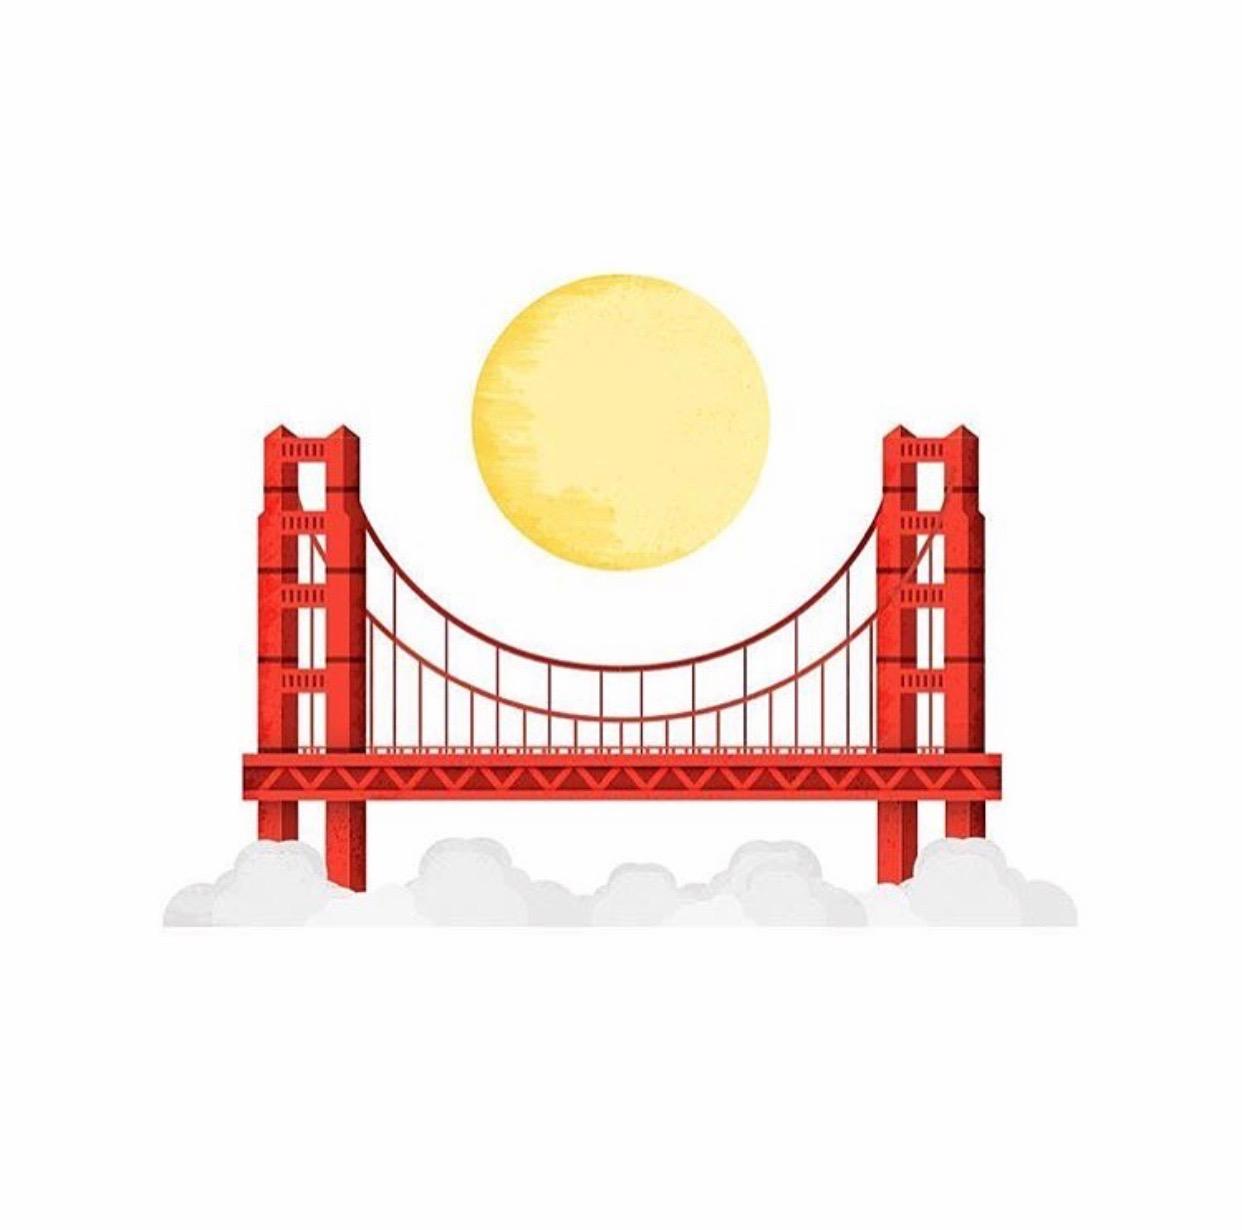 Brooklyn Bridge by Kickstand